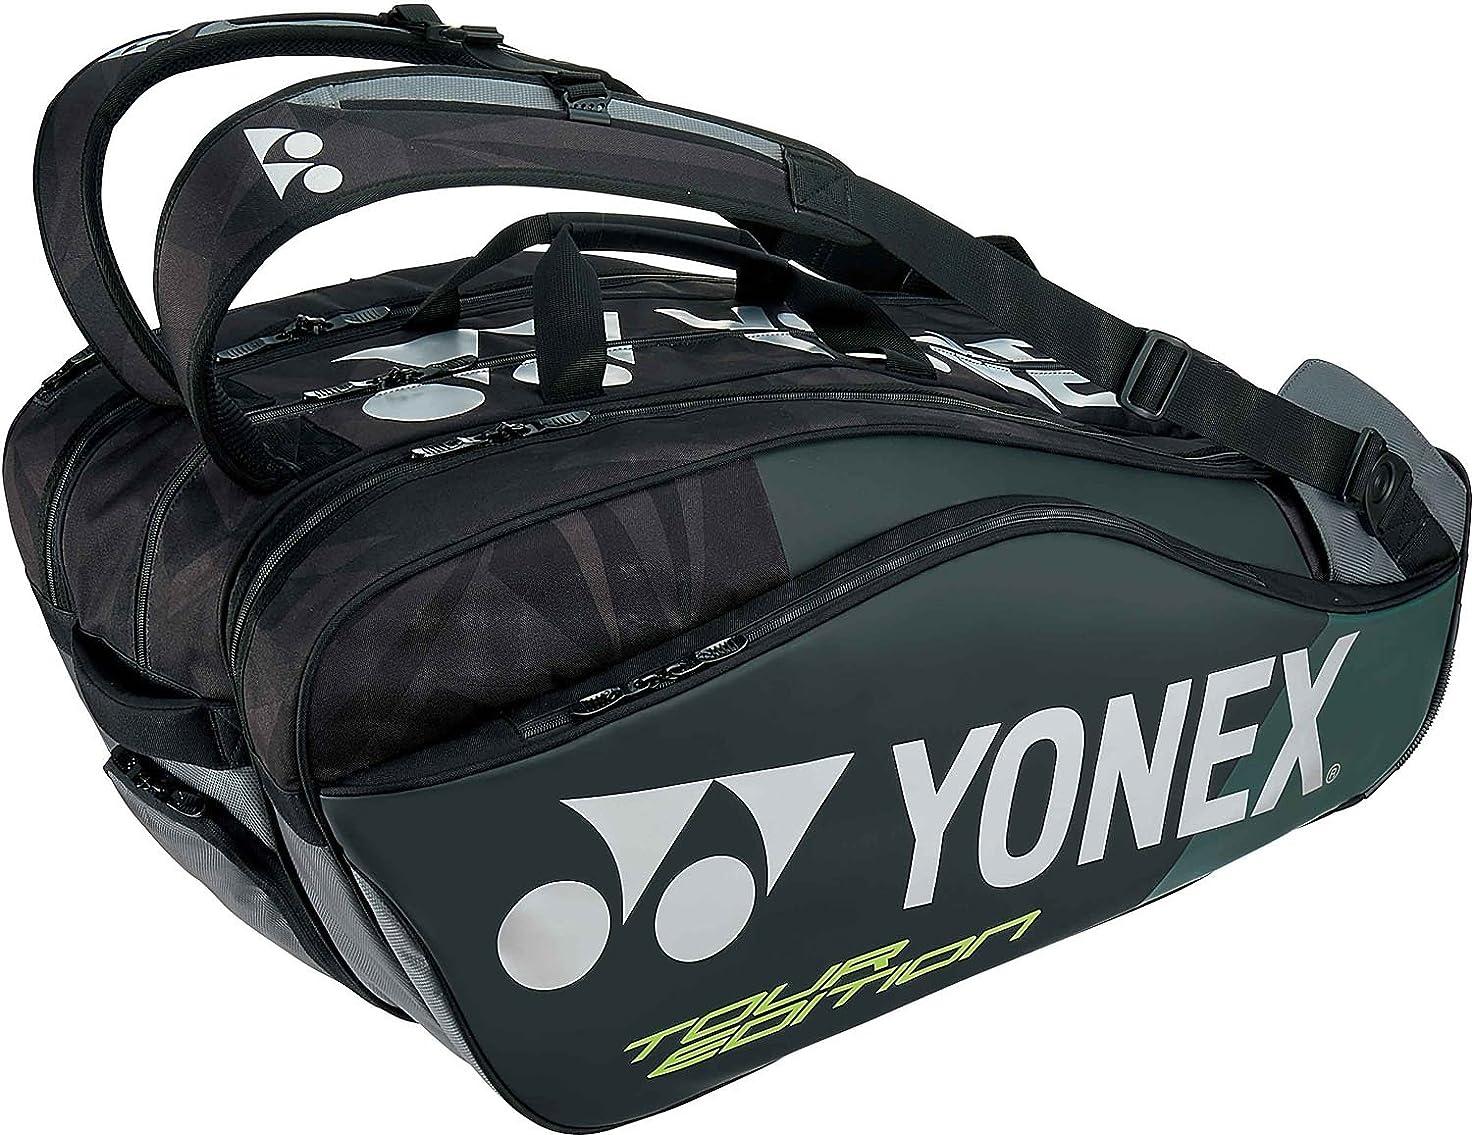 展示会たぶん見込みヨネックス(YONEX) テニス バッグ ラケットバッグ9 (リュック付き?テニスラケット9本用) BAG1802N